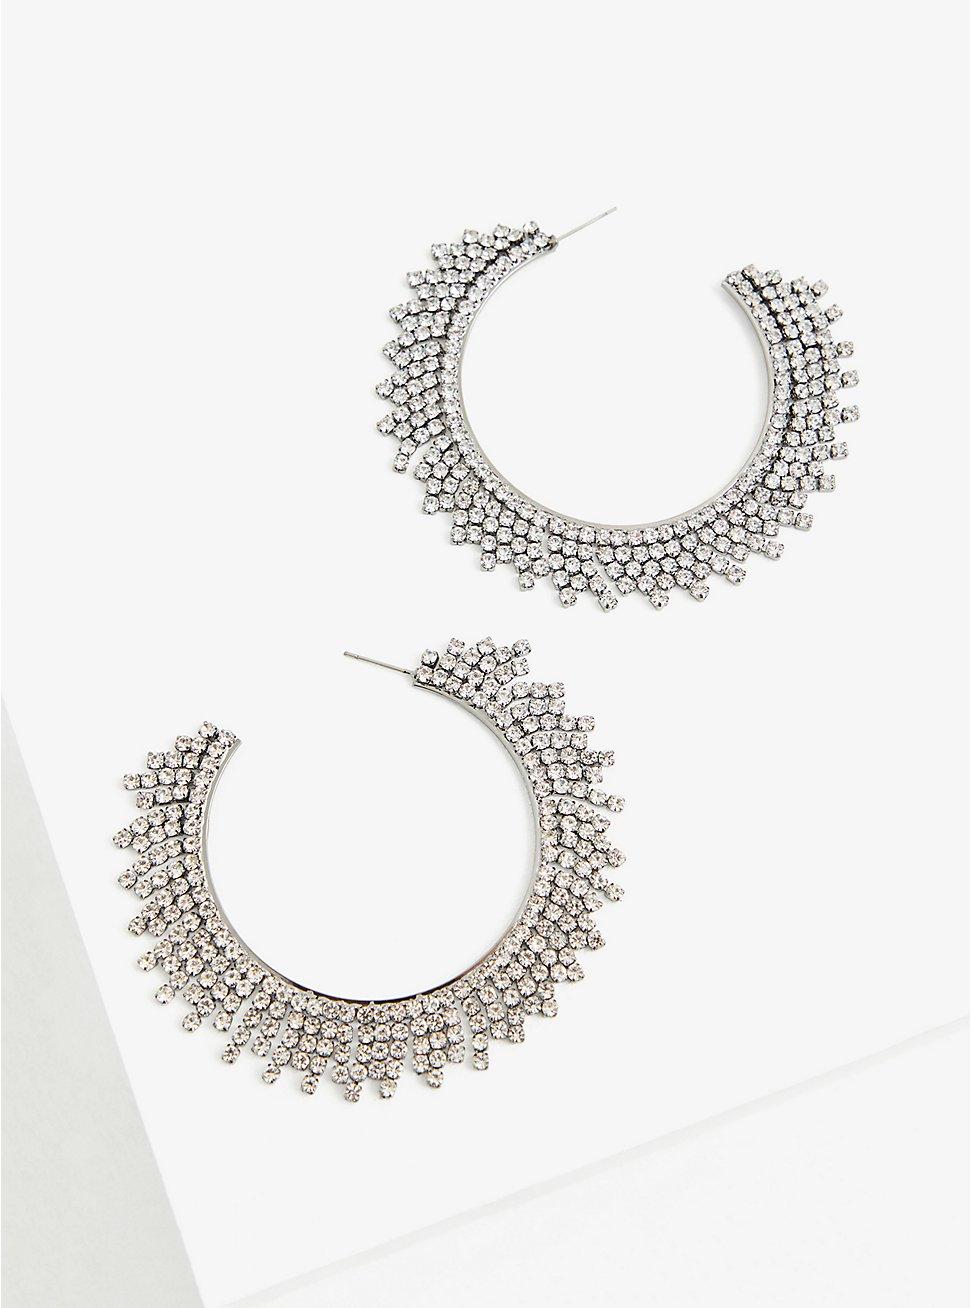 Plus Size Hematite Shaky Hoop Earrings, , hi-res